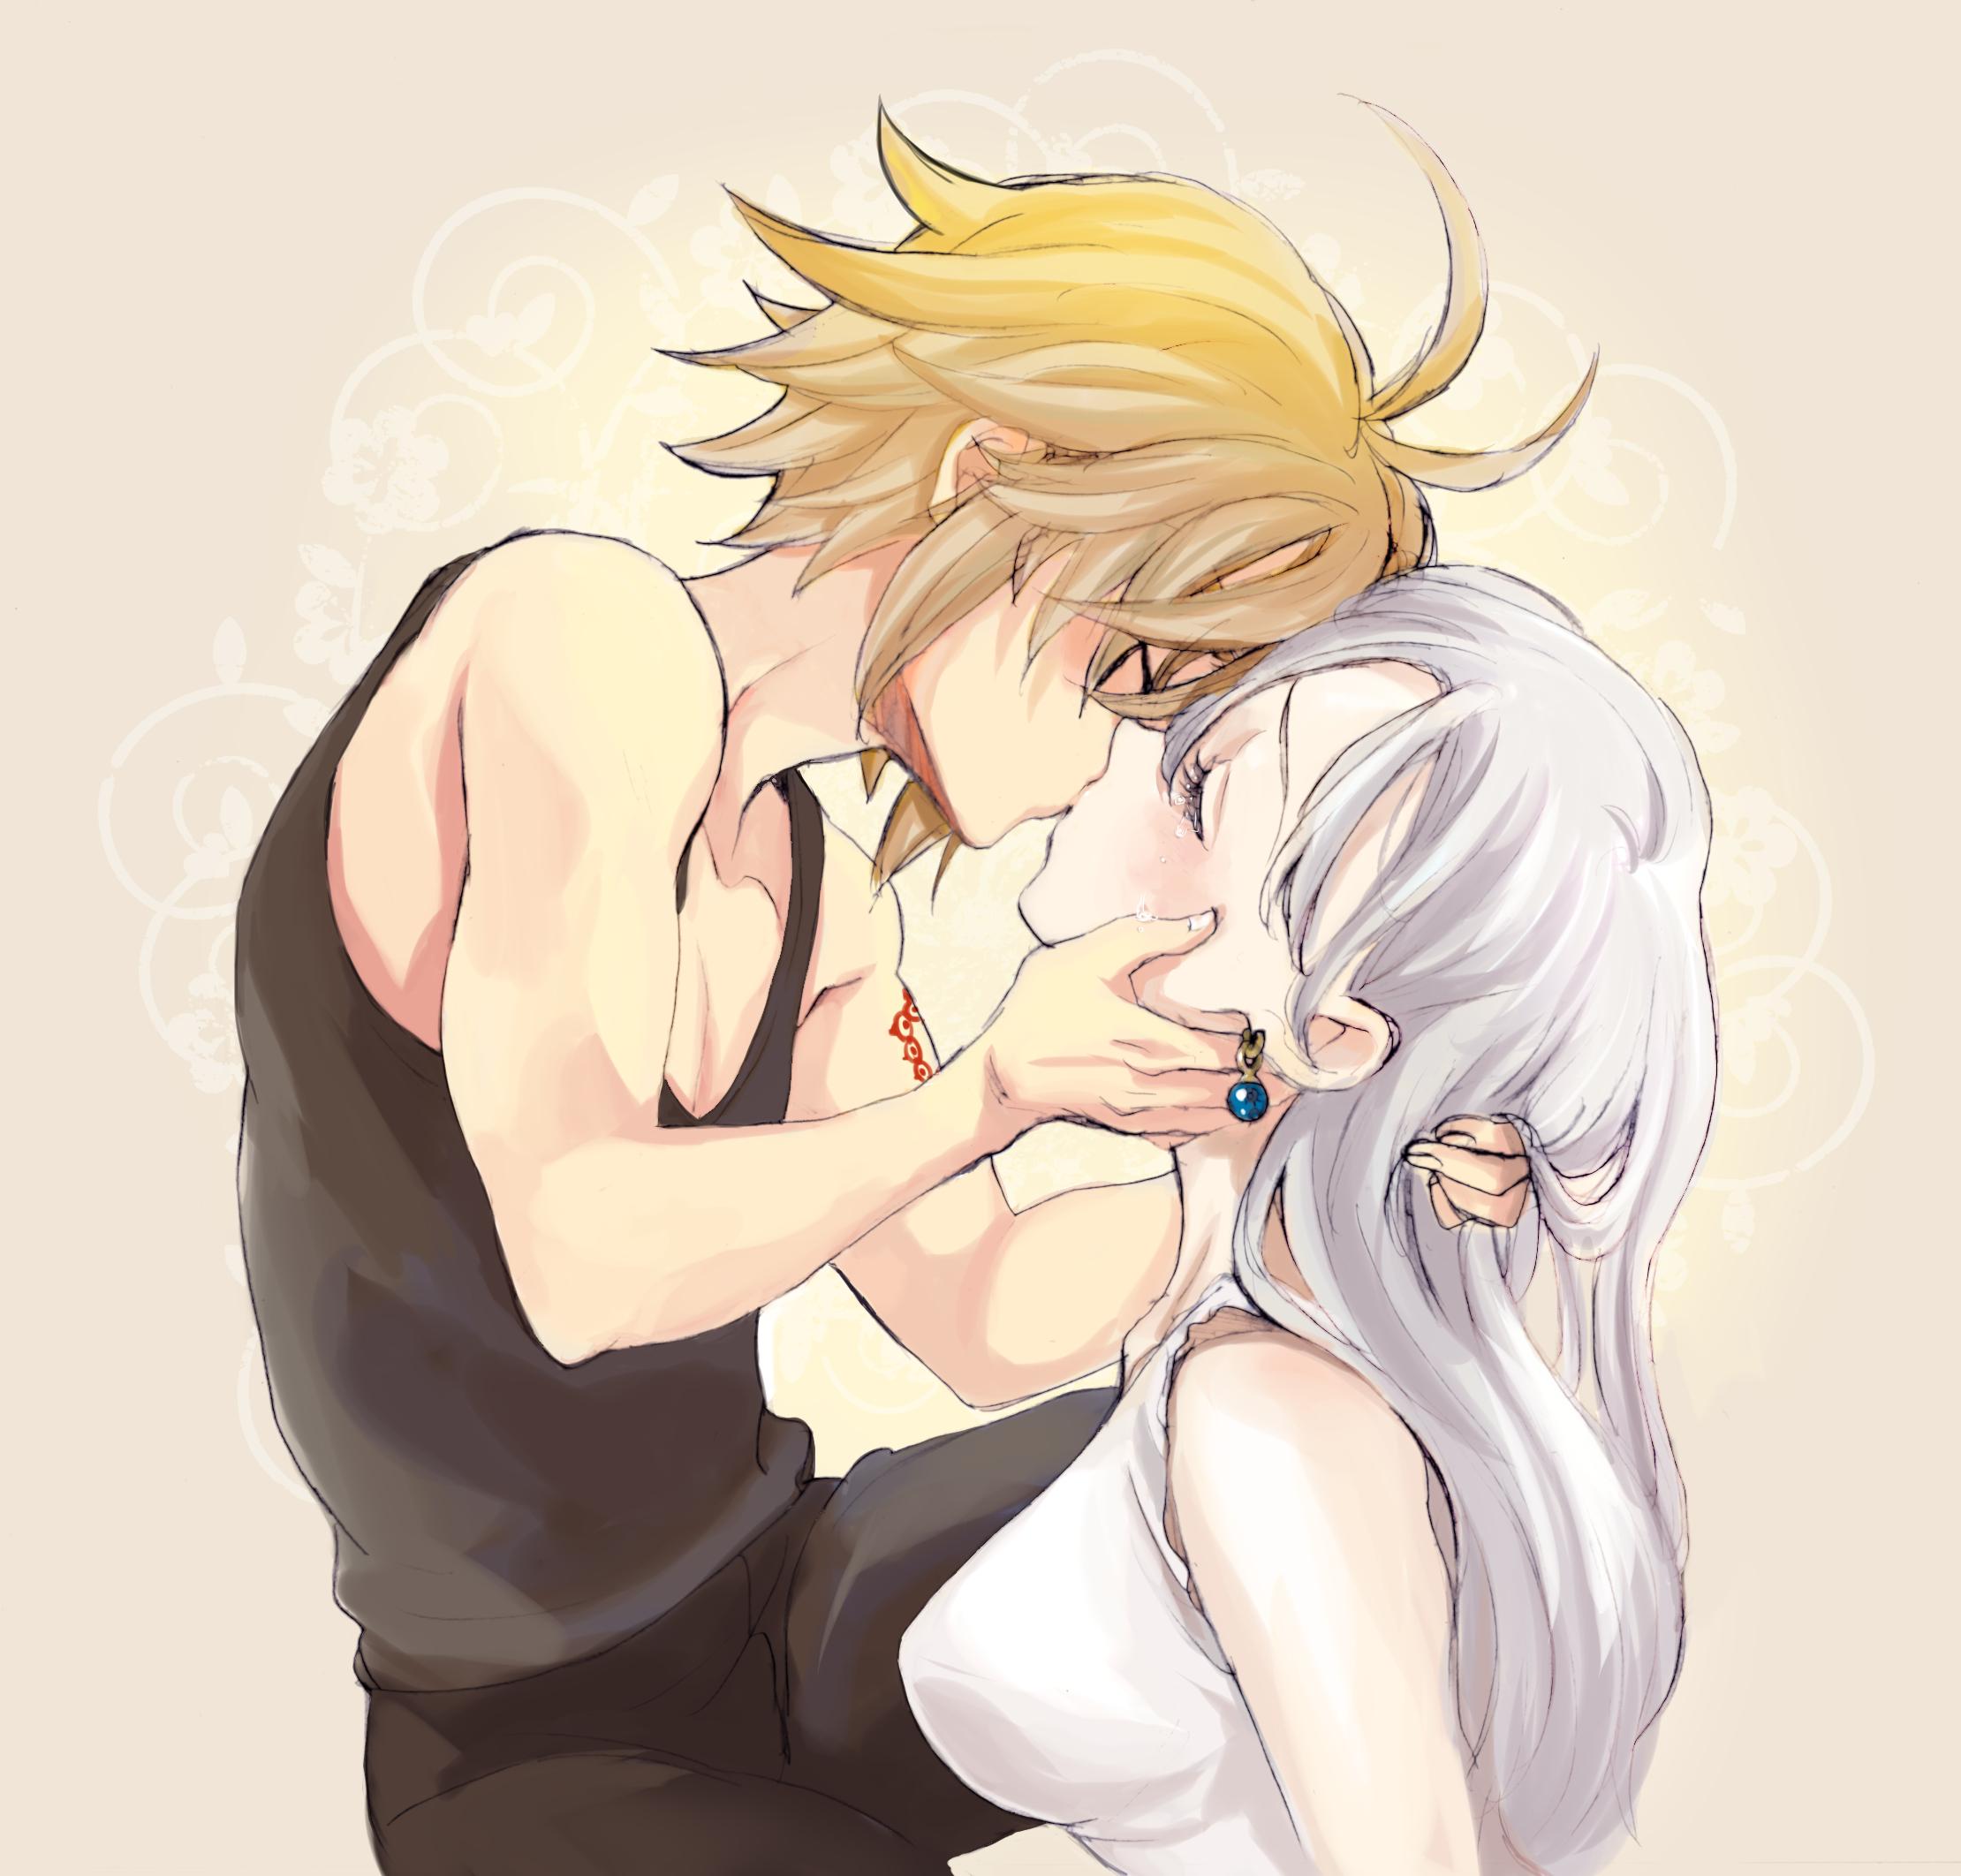 Meliodas and Liz